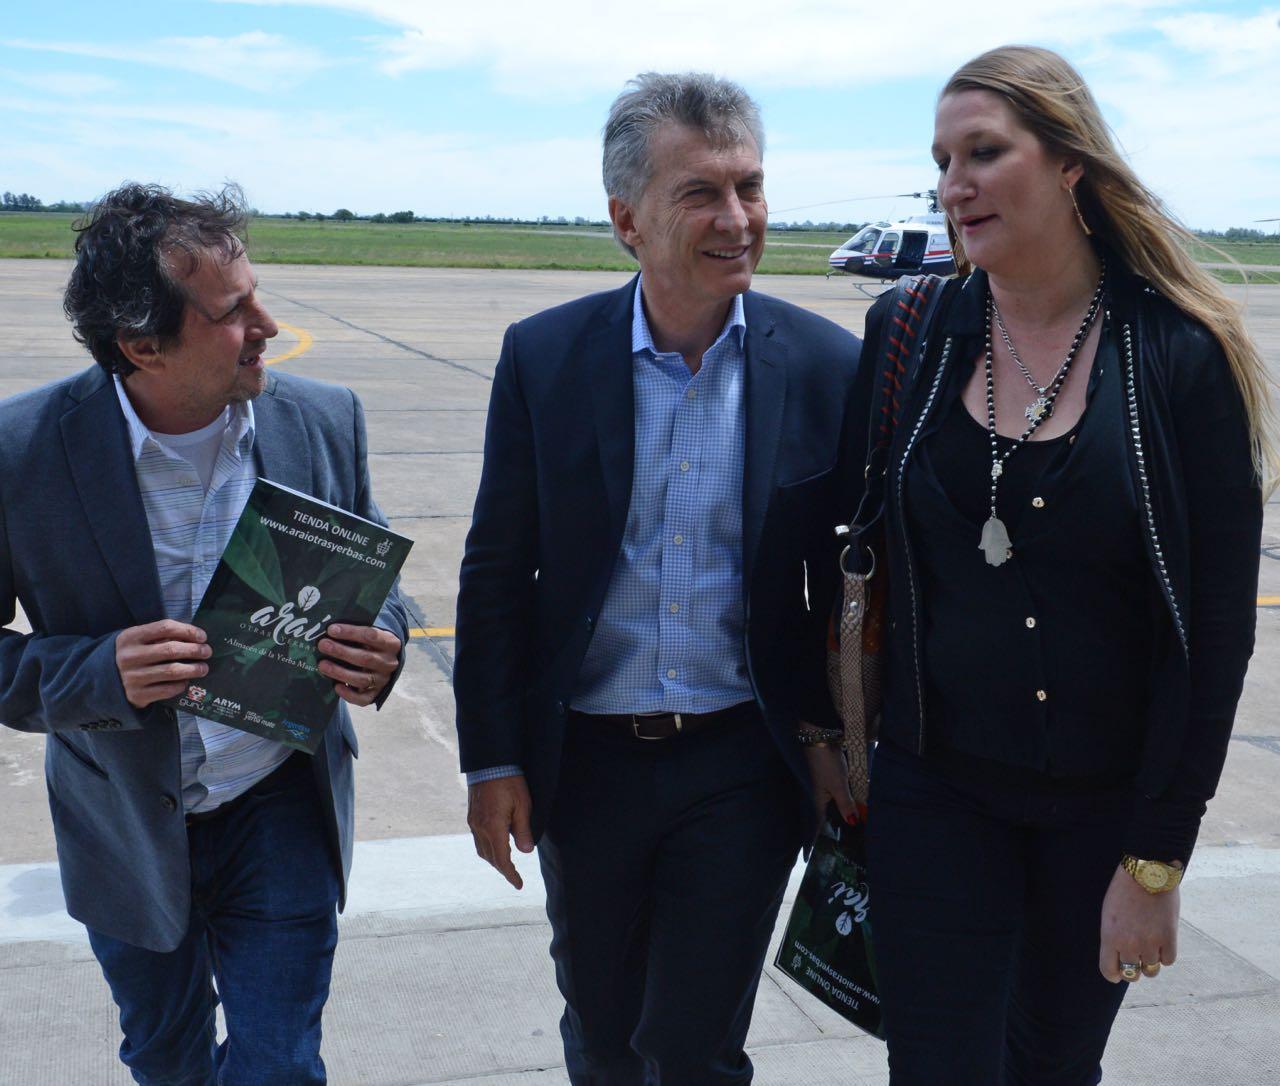 Circuito Yerbatero Argentina : Noticias de la ruta yerba mate araÍ tienda